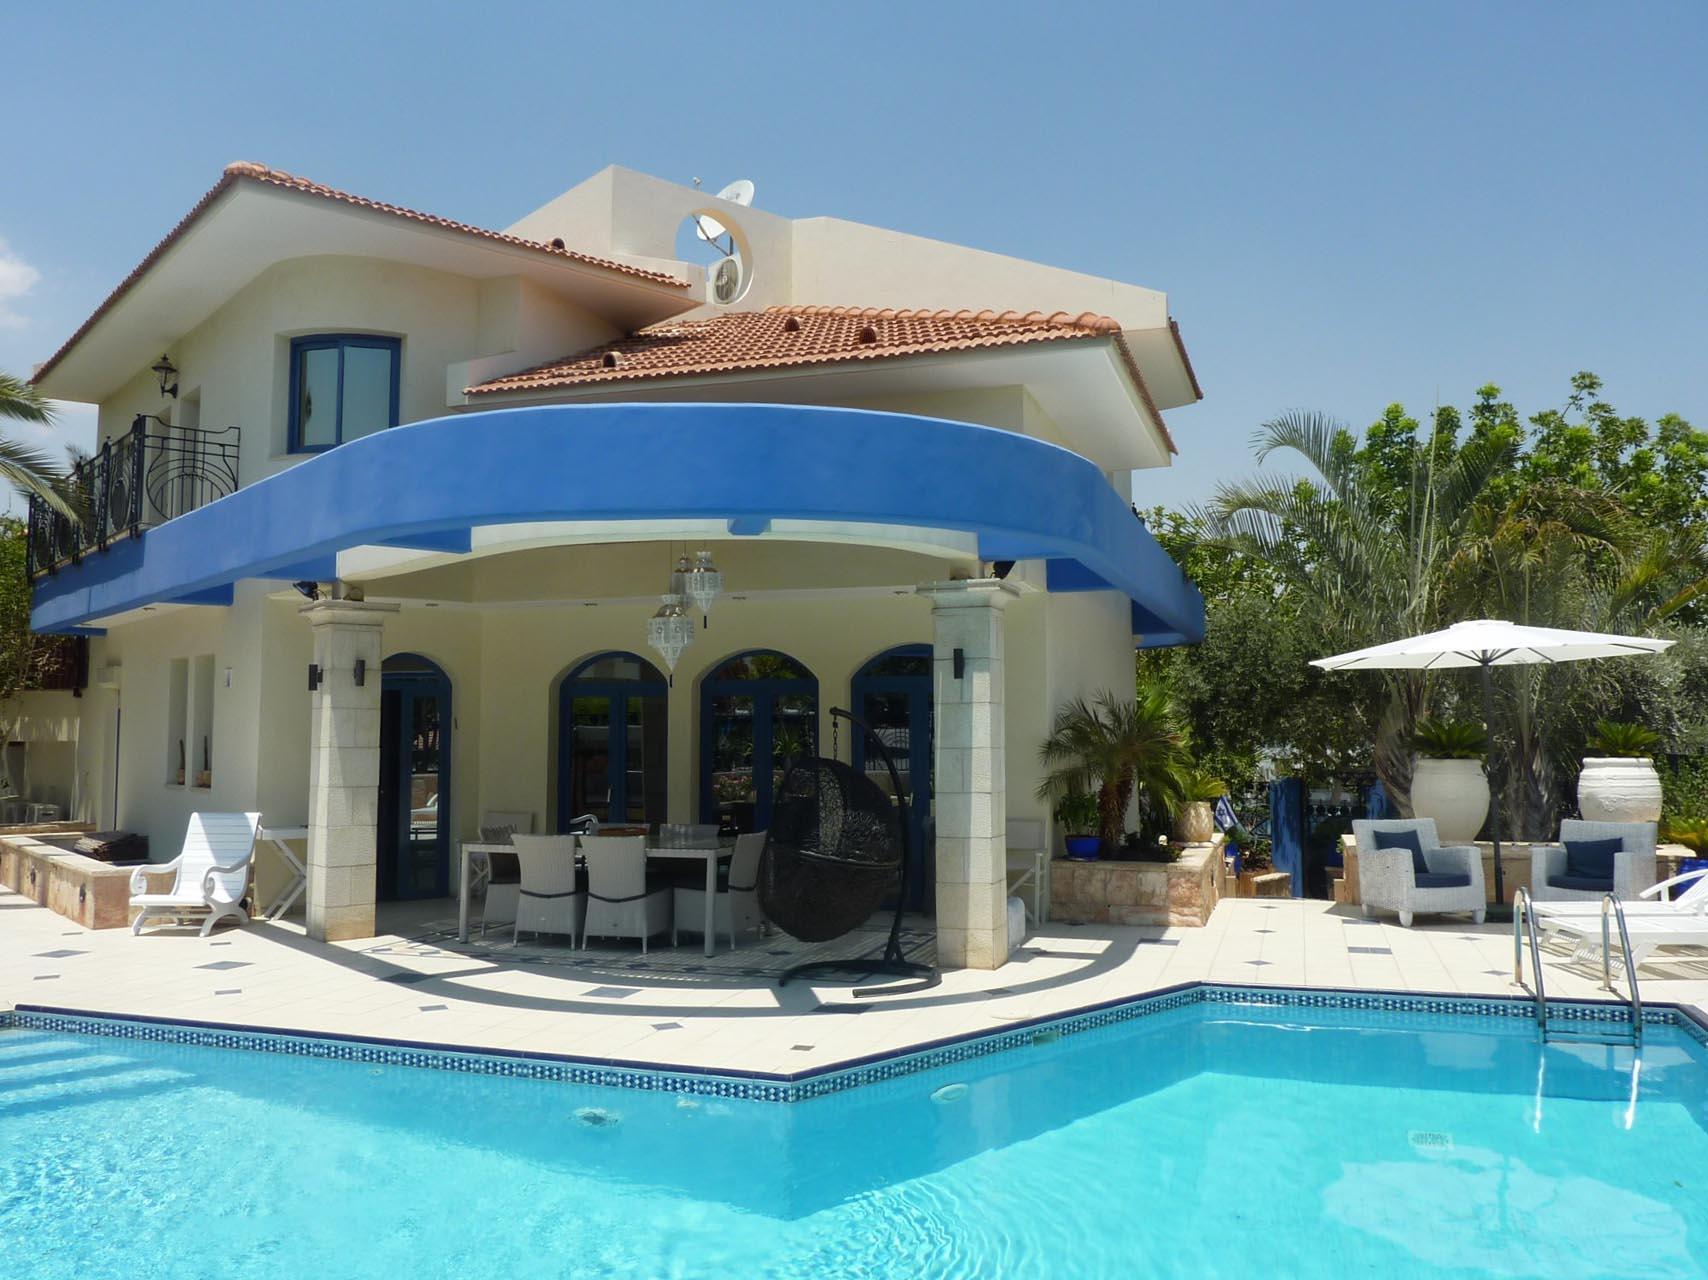 独户住宅 为 销售 在 Luxury Elegant Villa in Eilat 埃拉特, 以色列 以色列